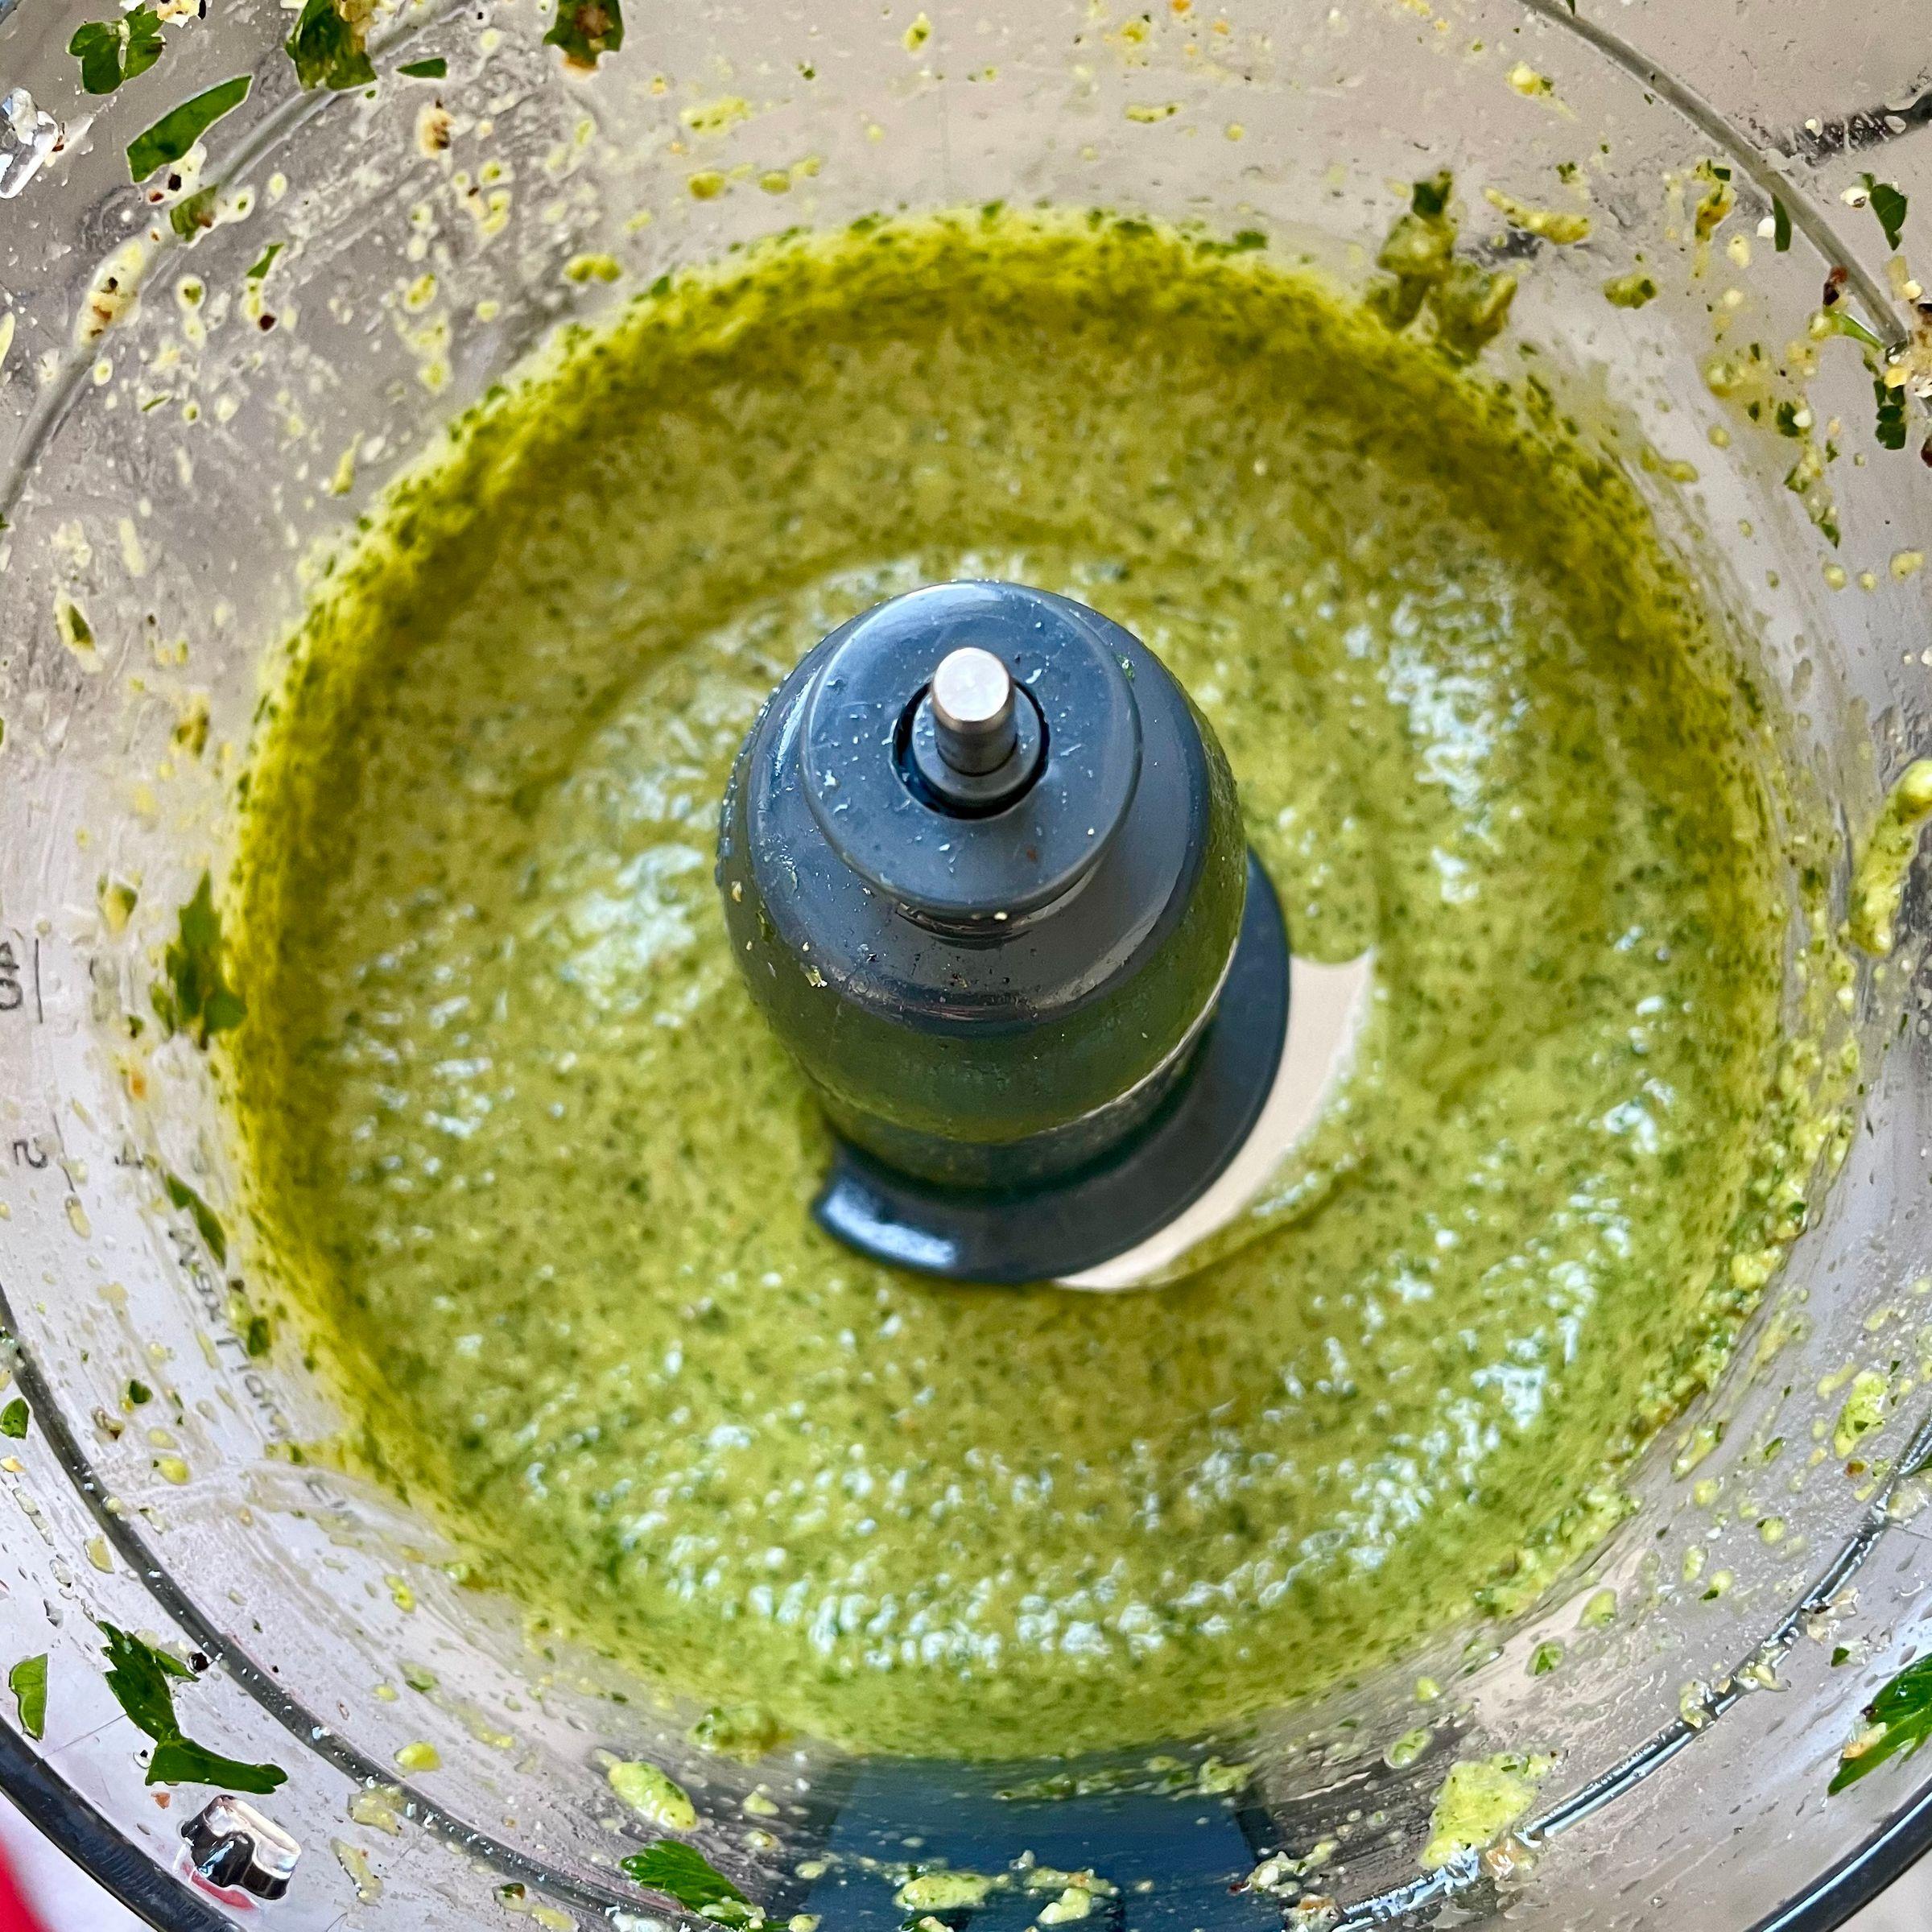 Pesto guide cover image